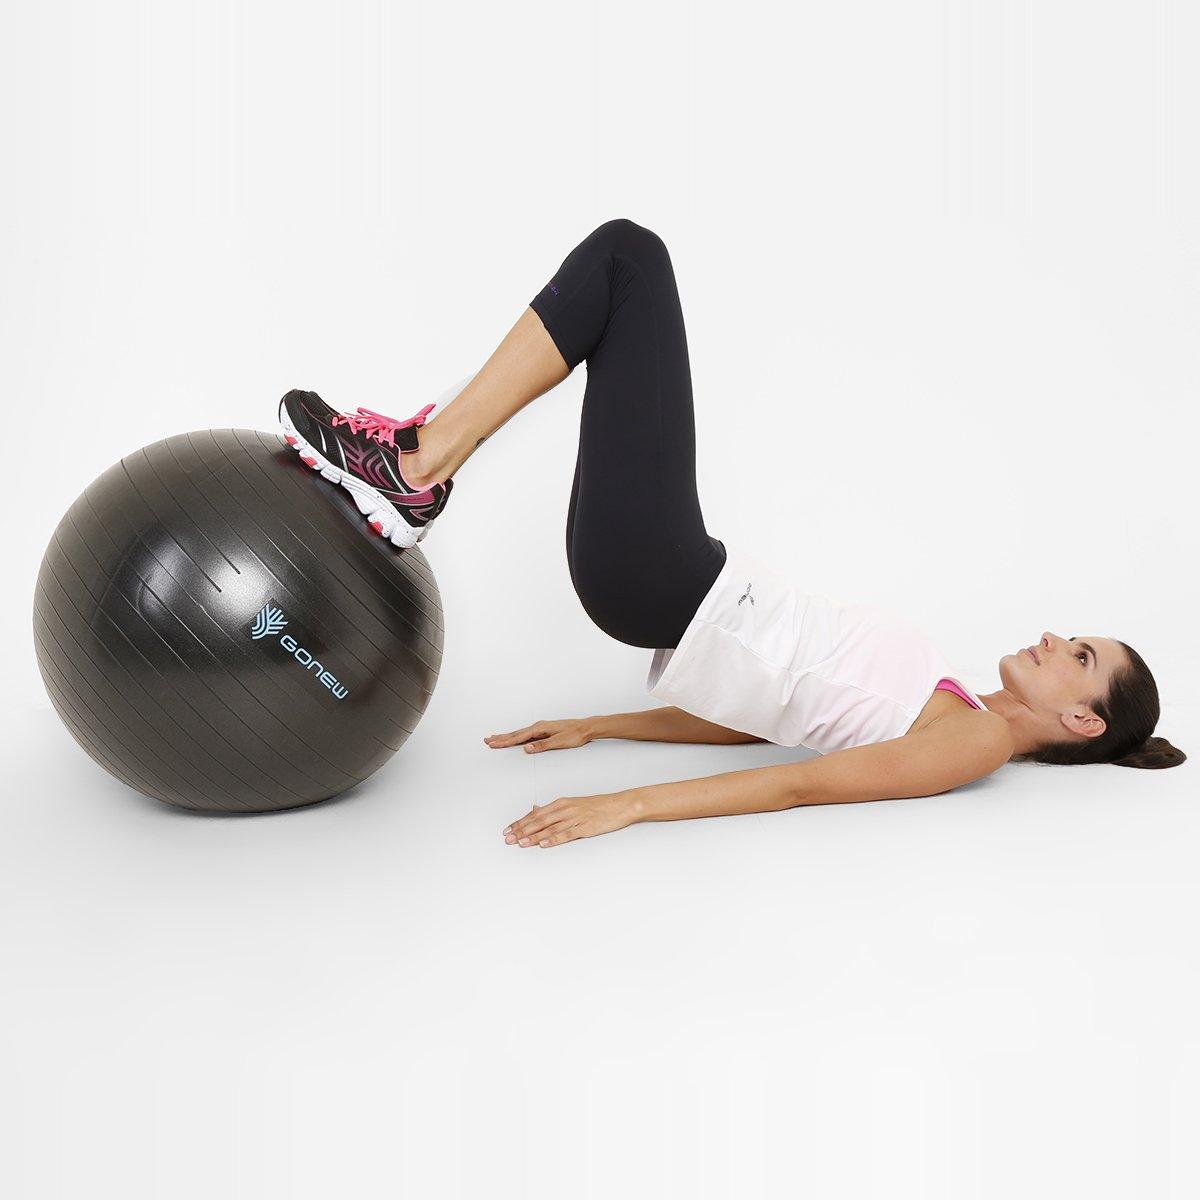 Bola de Ginástica e Pilates GONEW 65 cm - Compre Agora  0253cdf025793